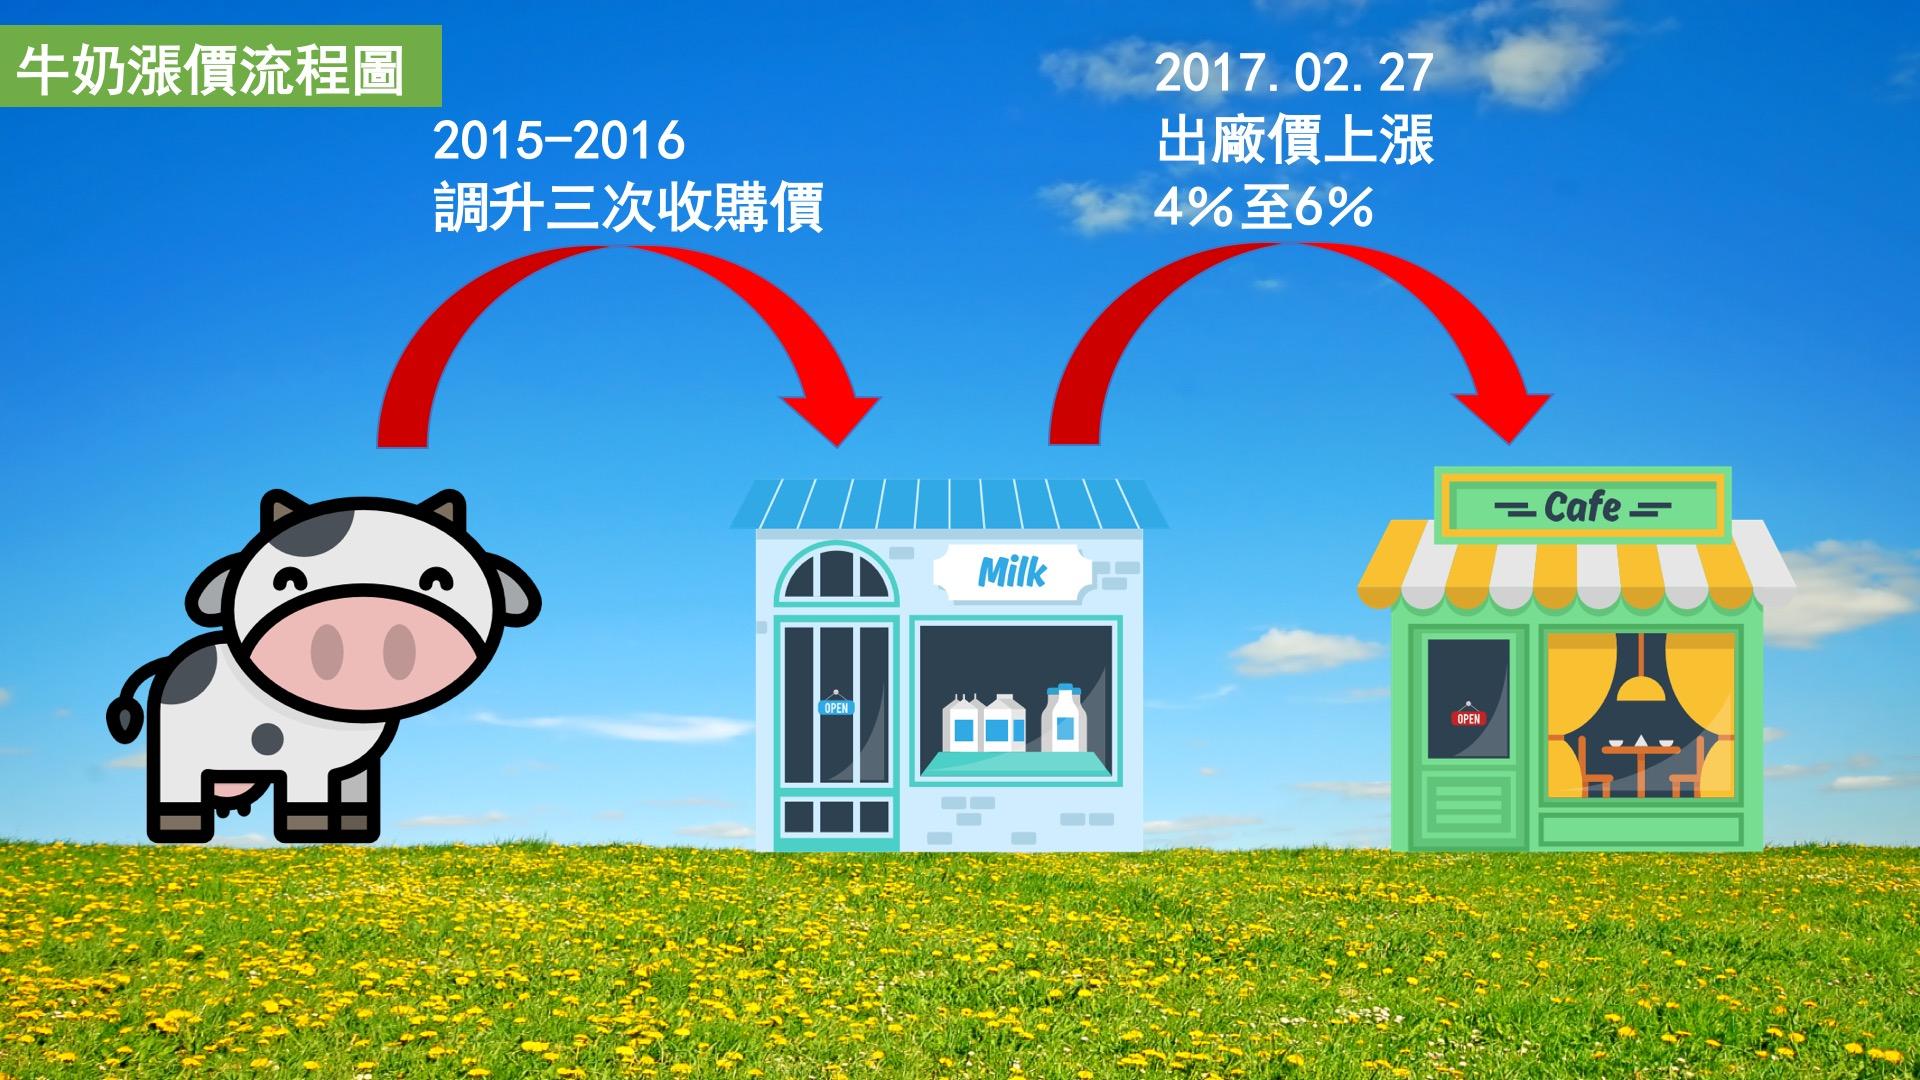 牛奶價格上漲導致星巴克飲品漲價。